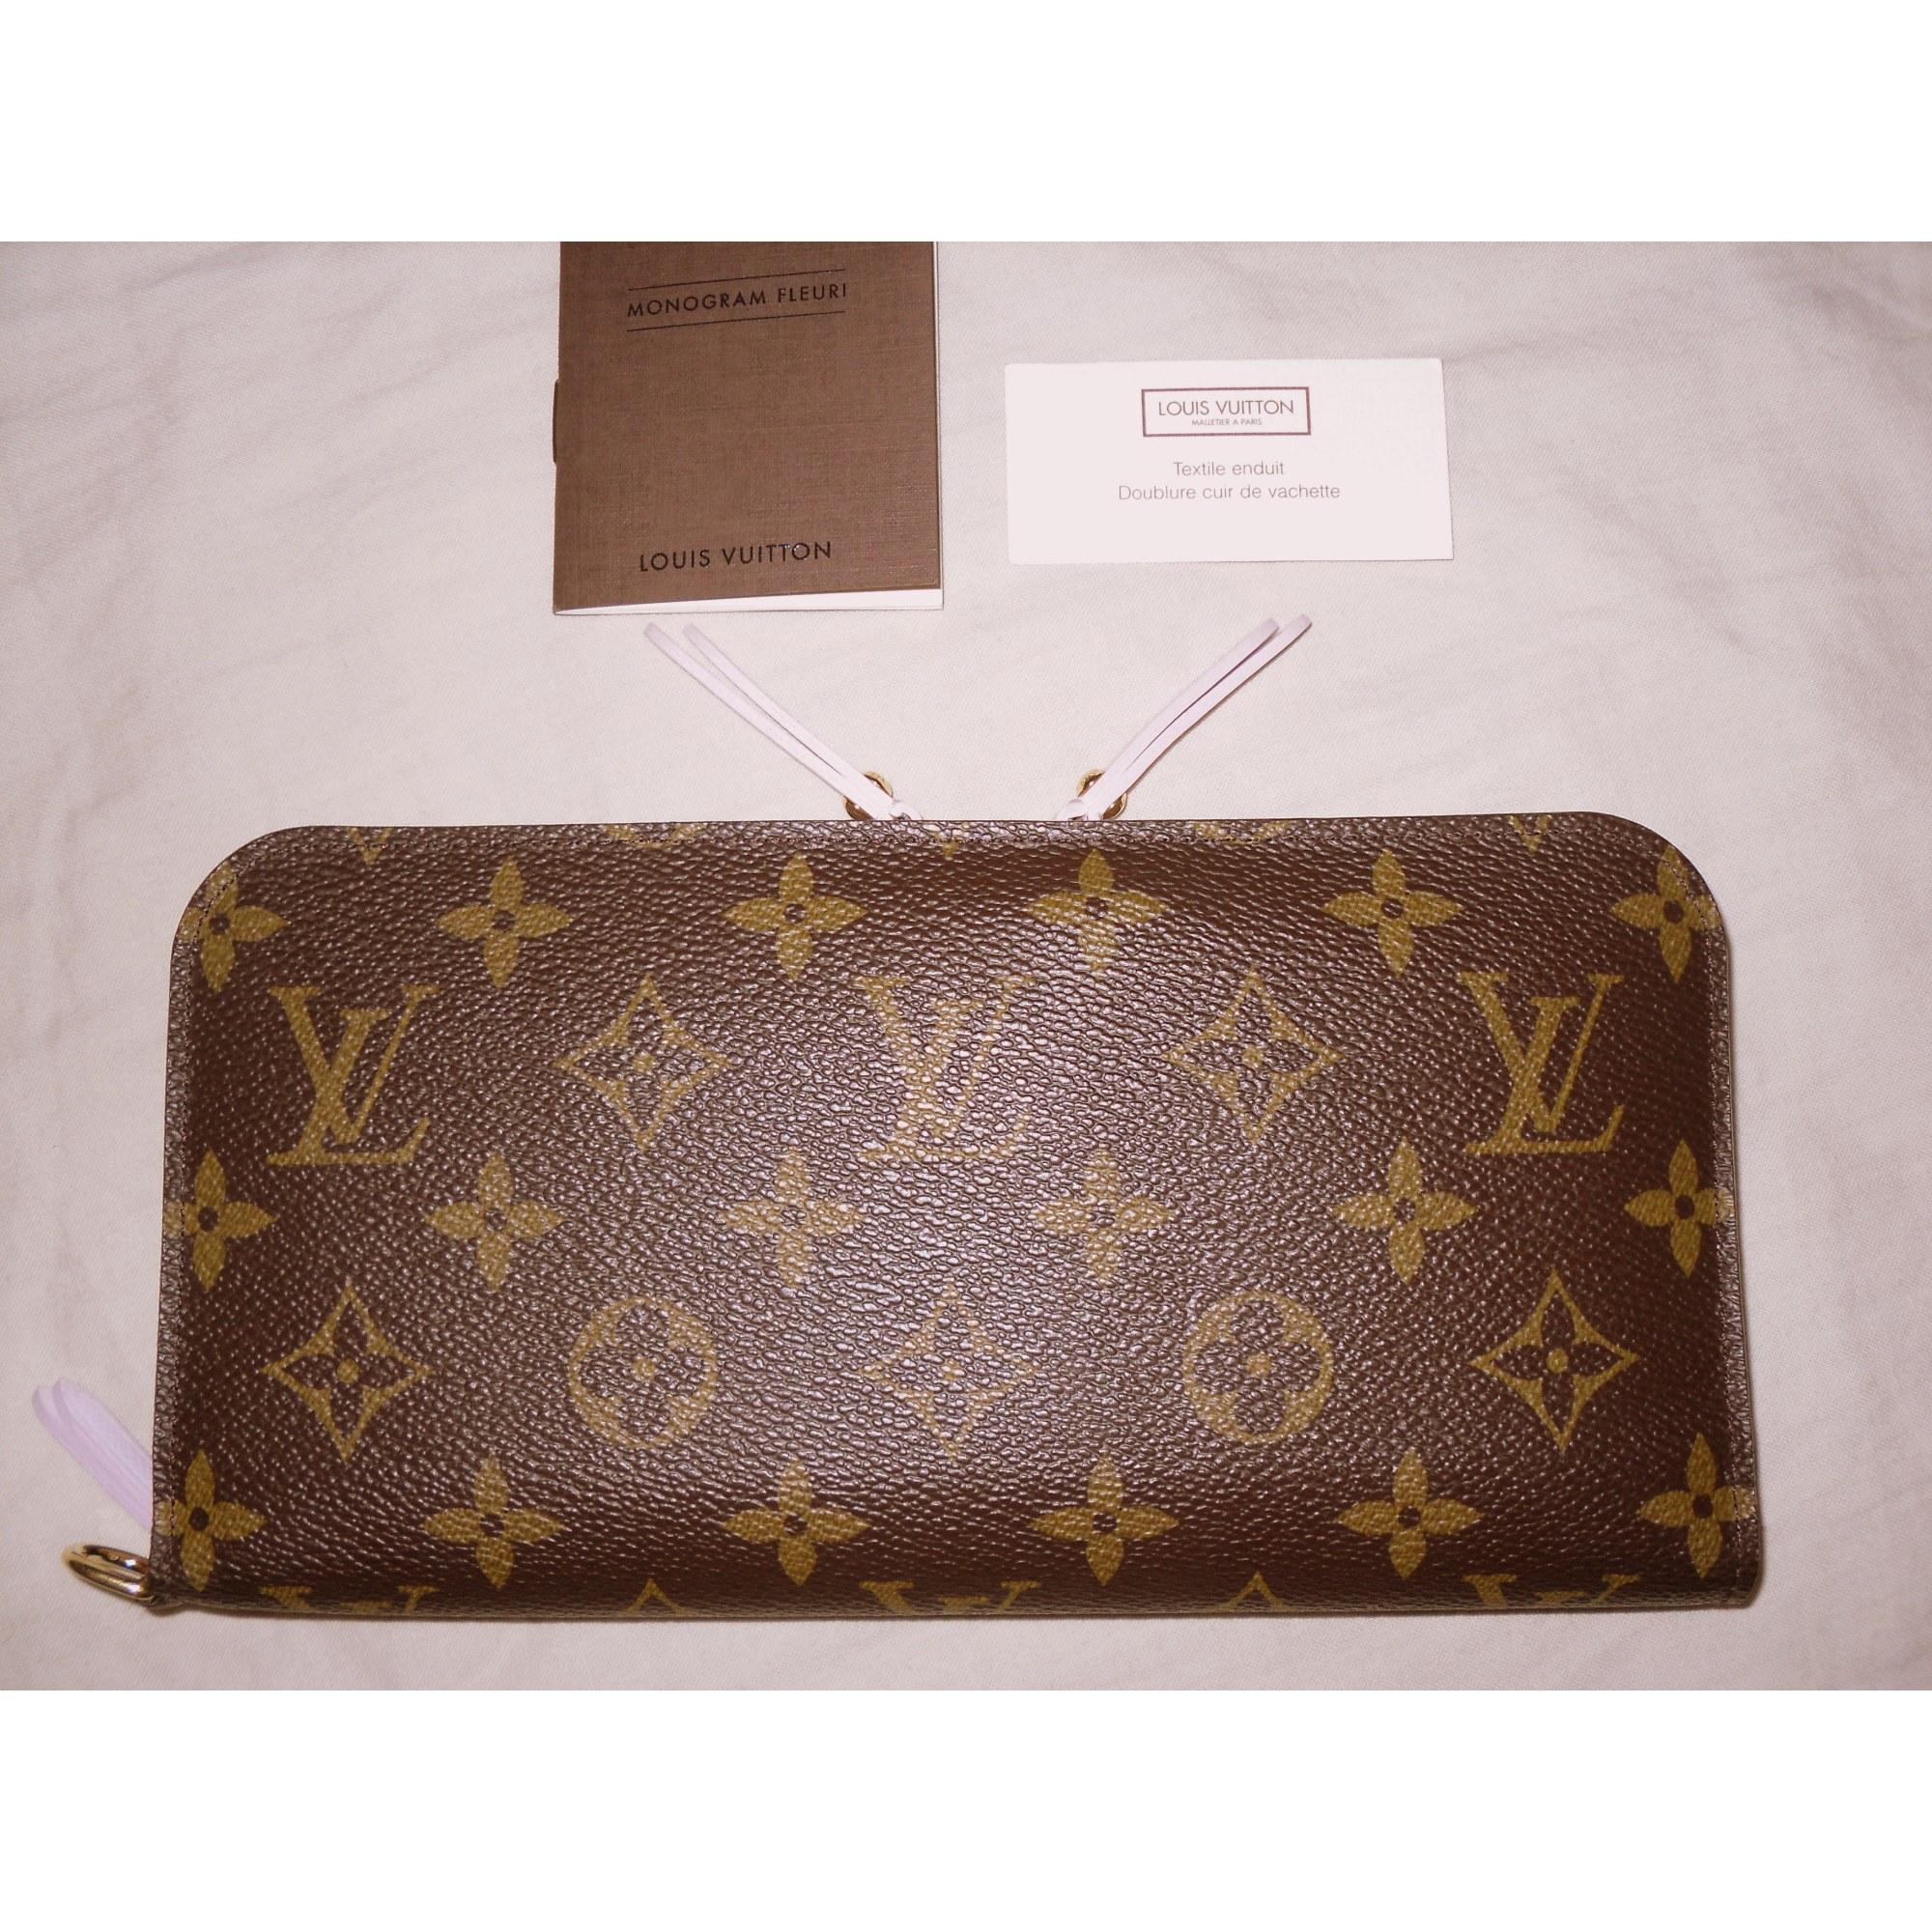 Portefeuille LOUIS VUITTON monogram vendu par Shopname123840 - 529239 a1ed0931f85